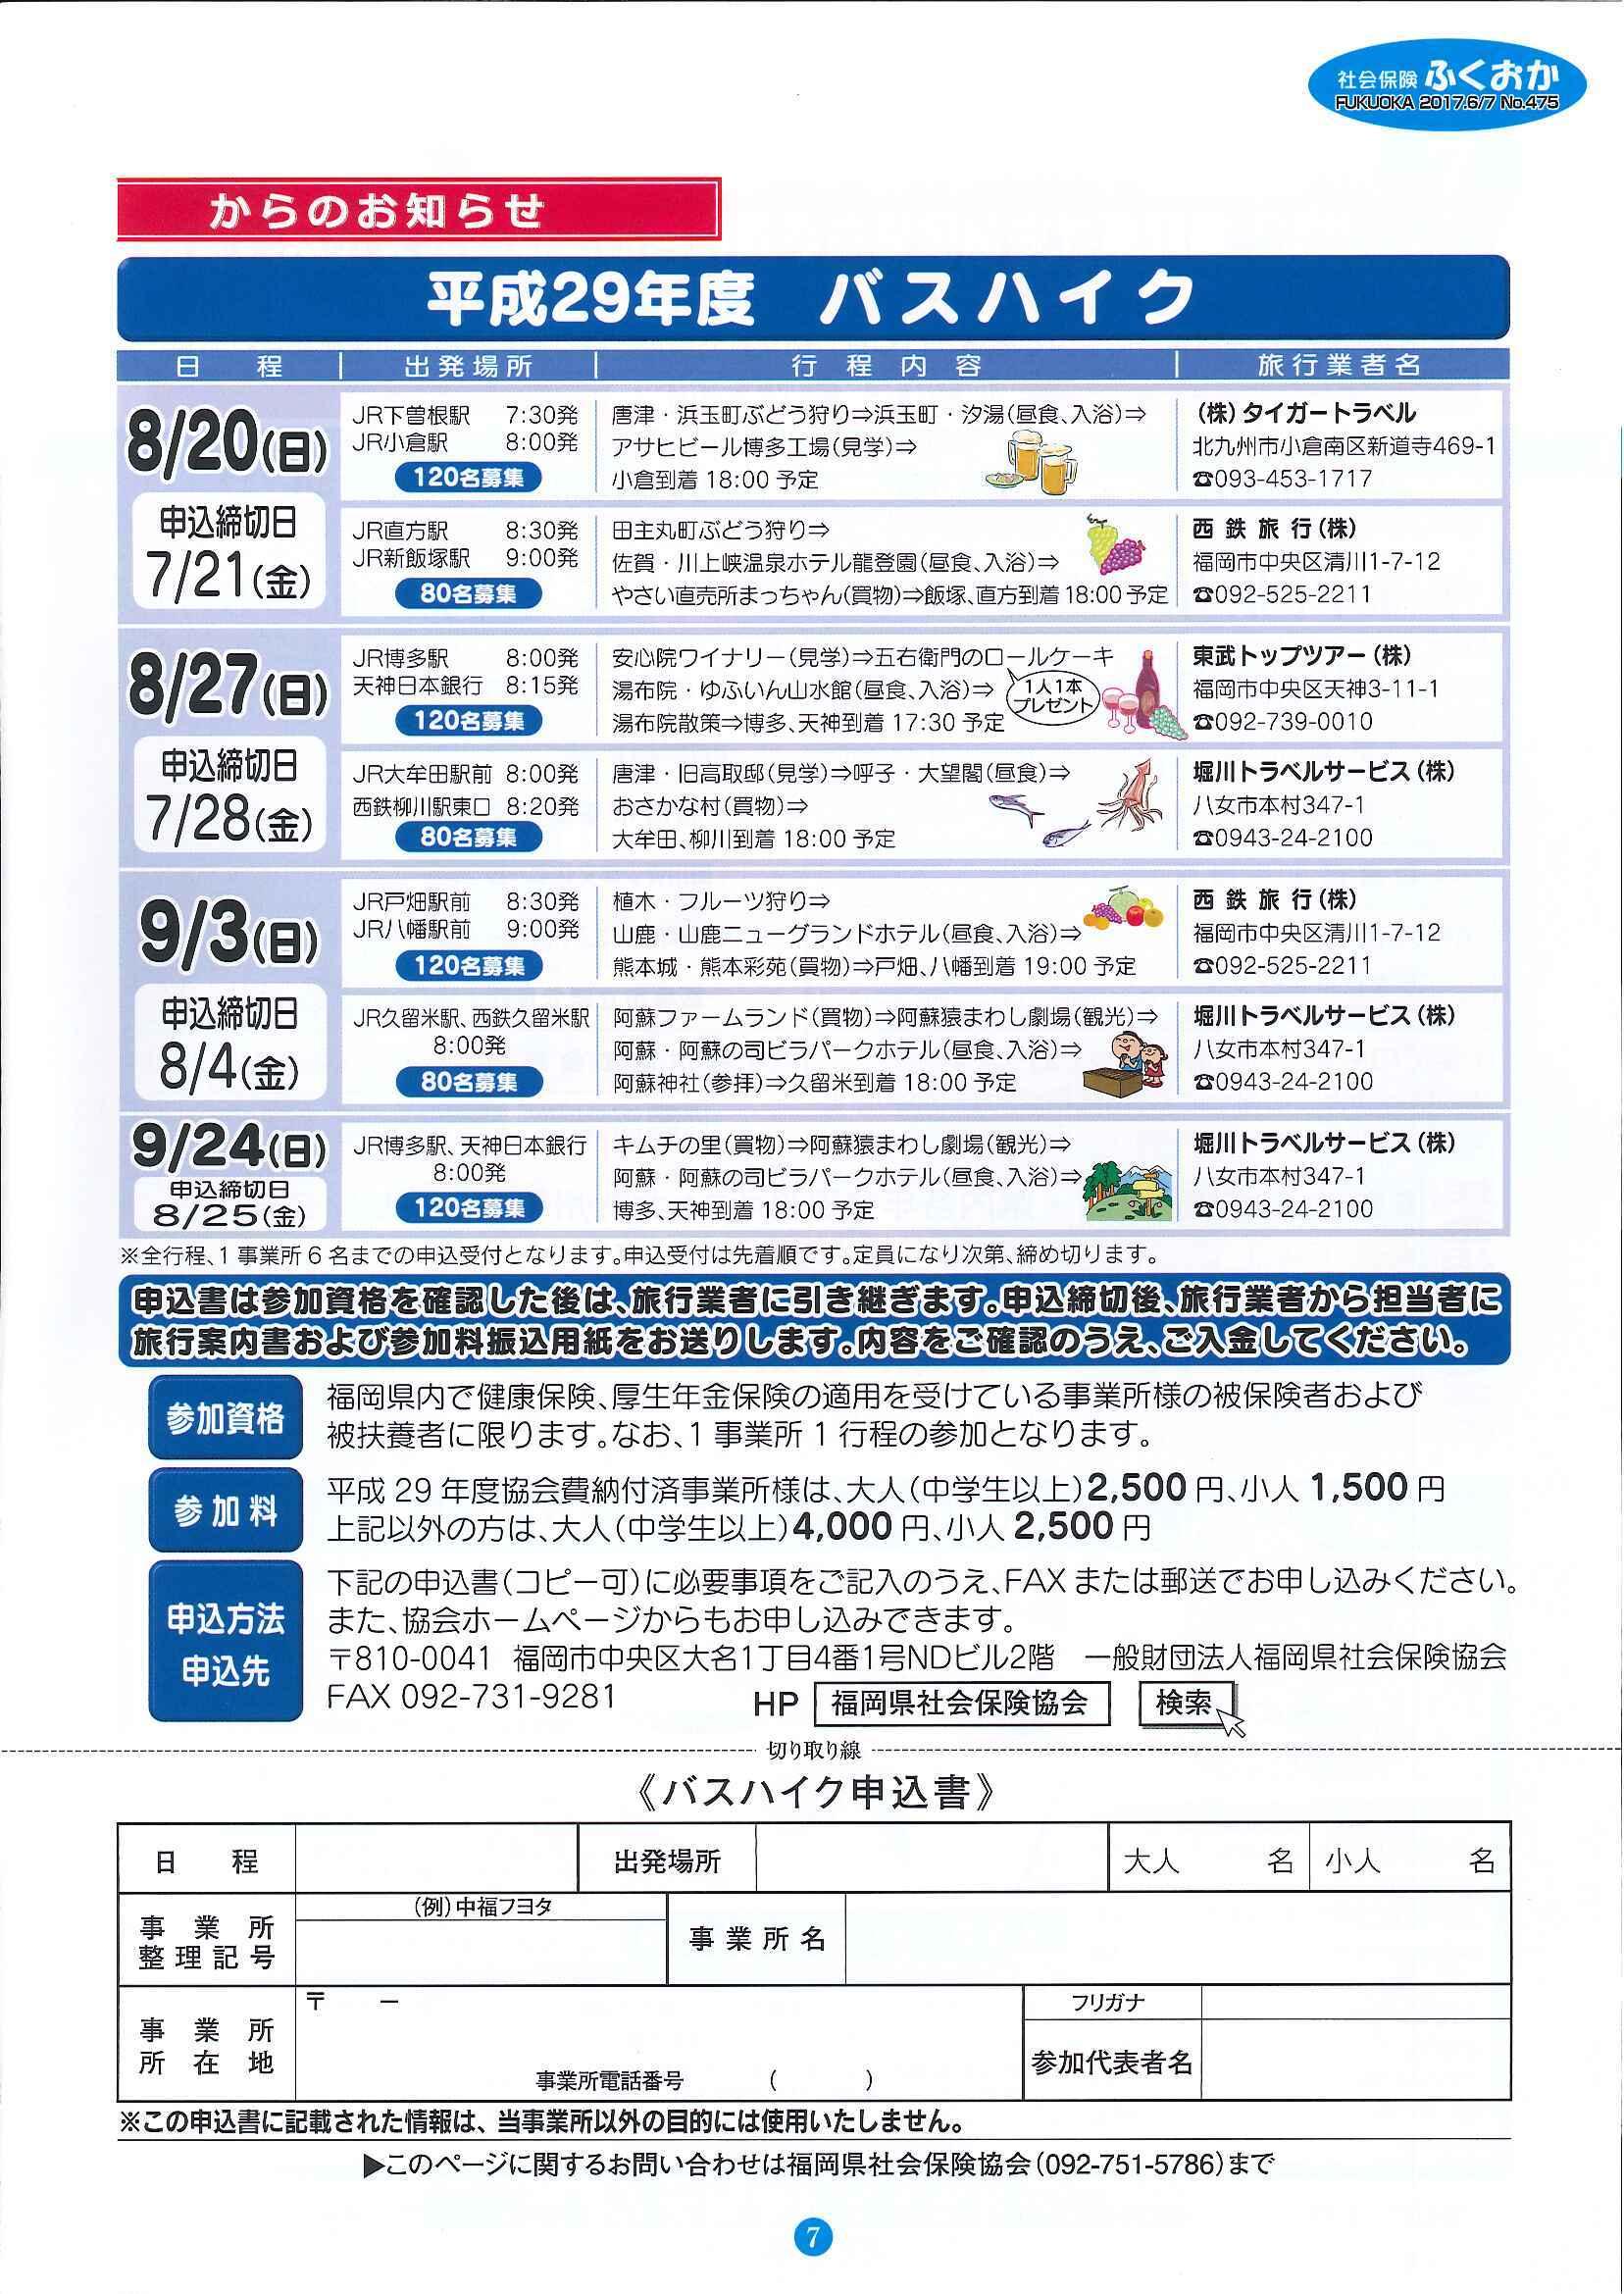 社会保険 ふくおか 2017年 6・7月号_f0120774_15014820.jpg